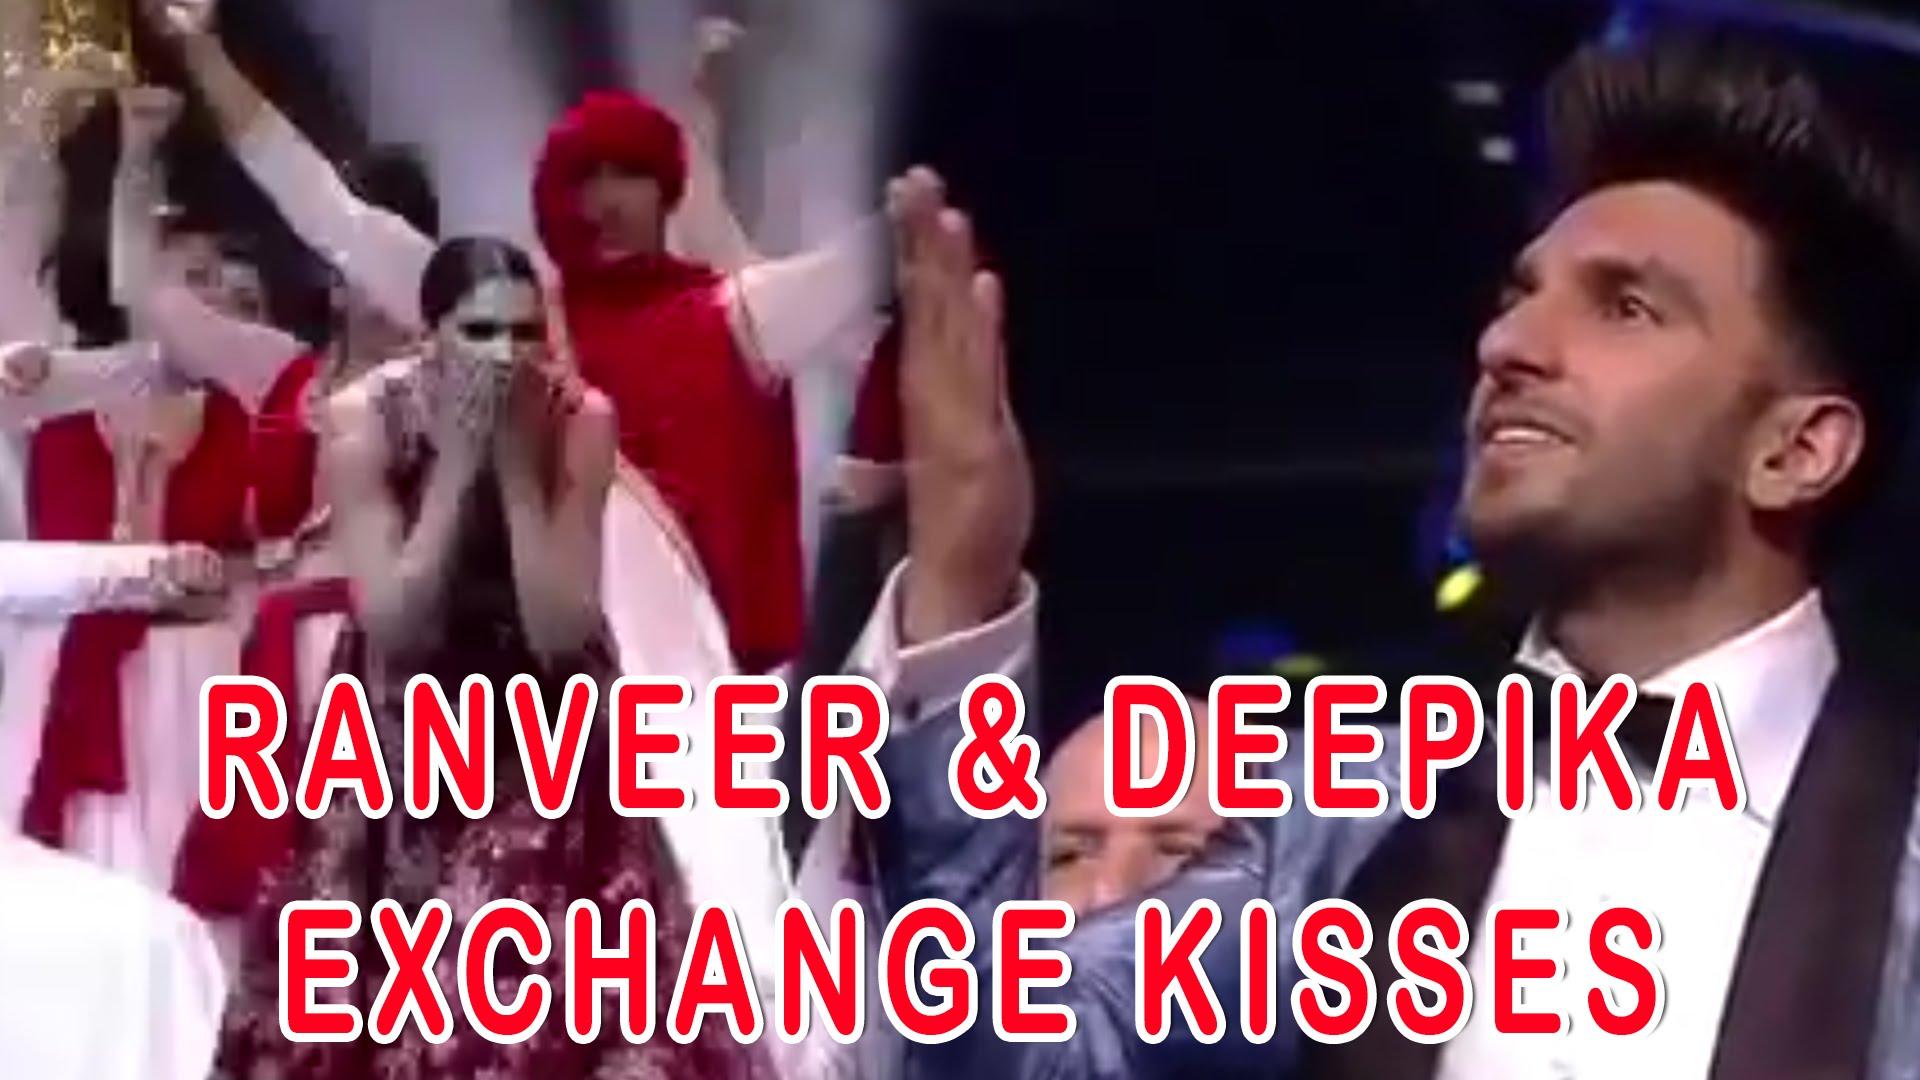 Ranveer Singh And Deepika Padukone kiss